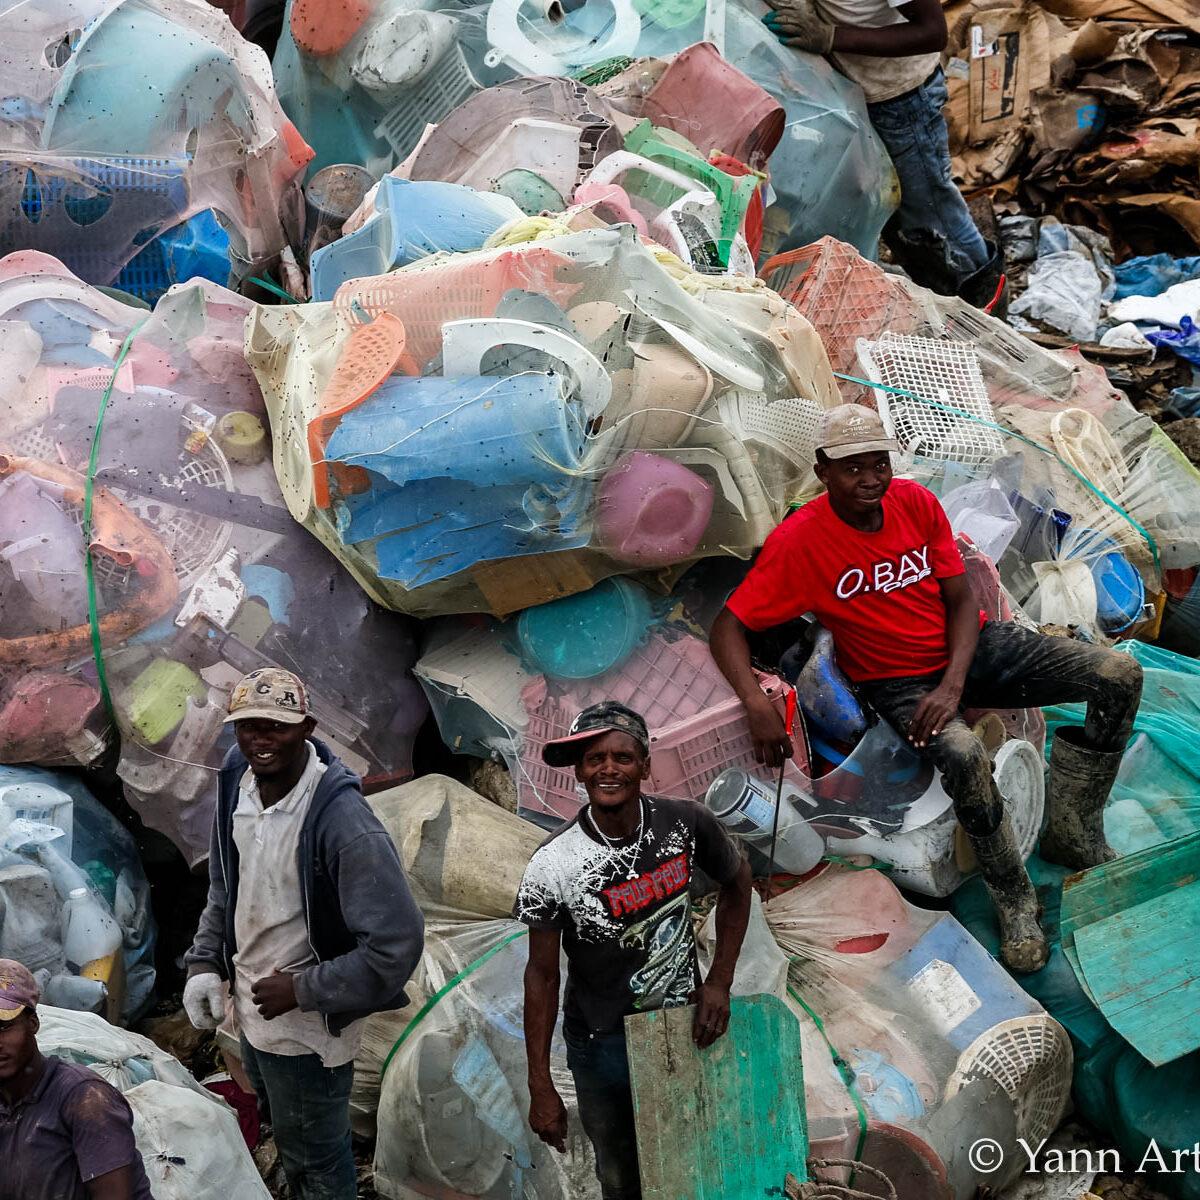 plastique plastiques toxqiue poison